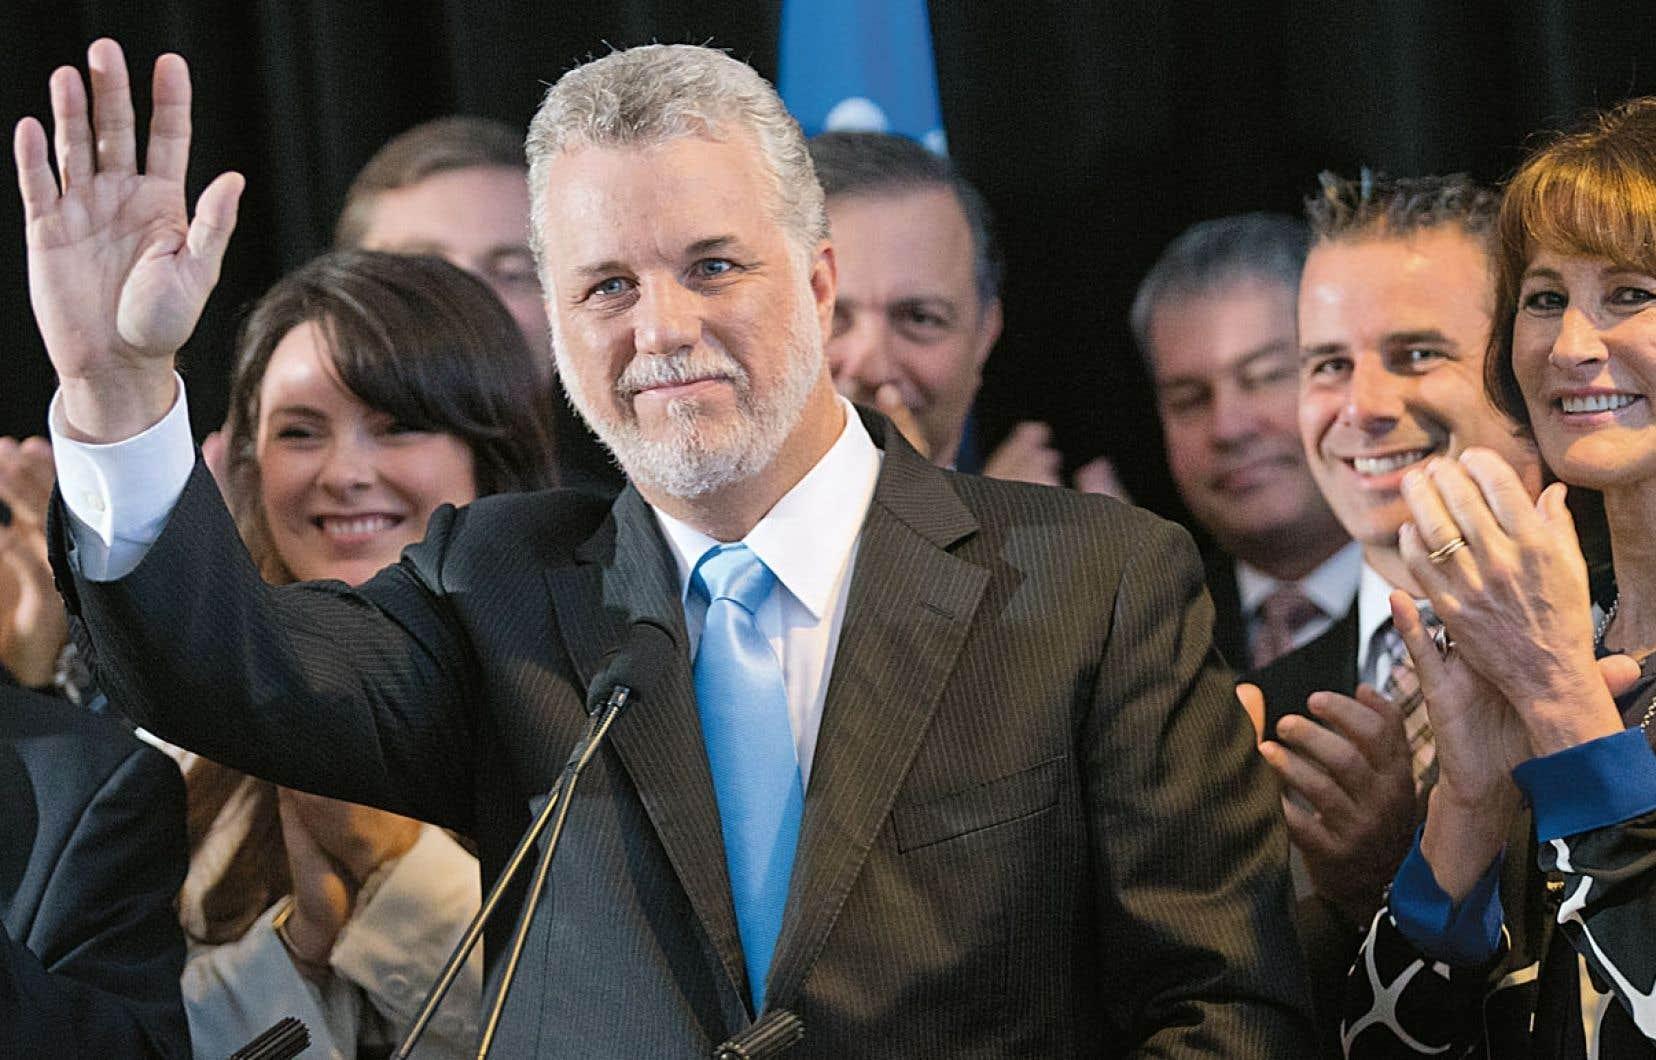 Philippe Couillard estime nécessaire de relancer les débats au sujet de l'identité québécoise : « À mon avis, il n'y a pas un Québécois qui ne pense pas à l'avenir de la nation québécoise. »